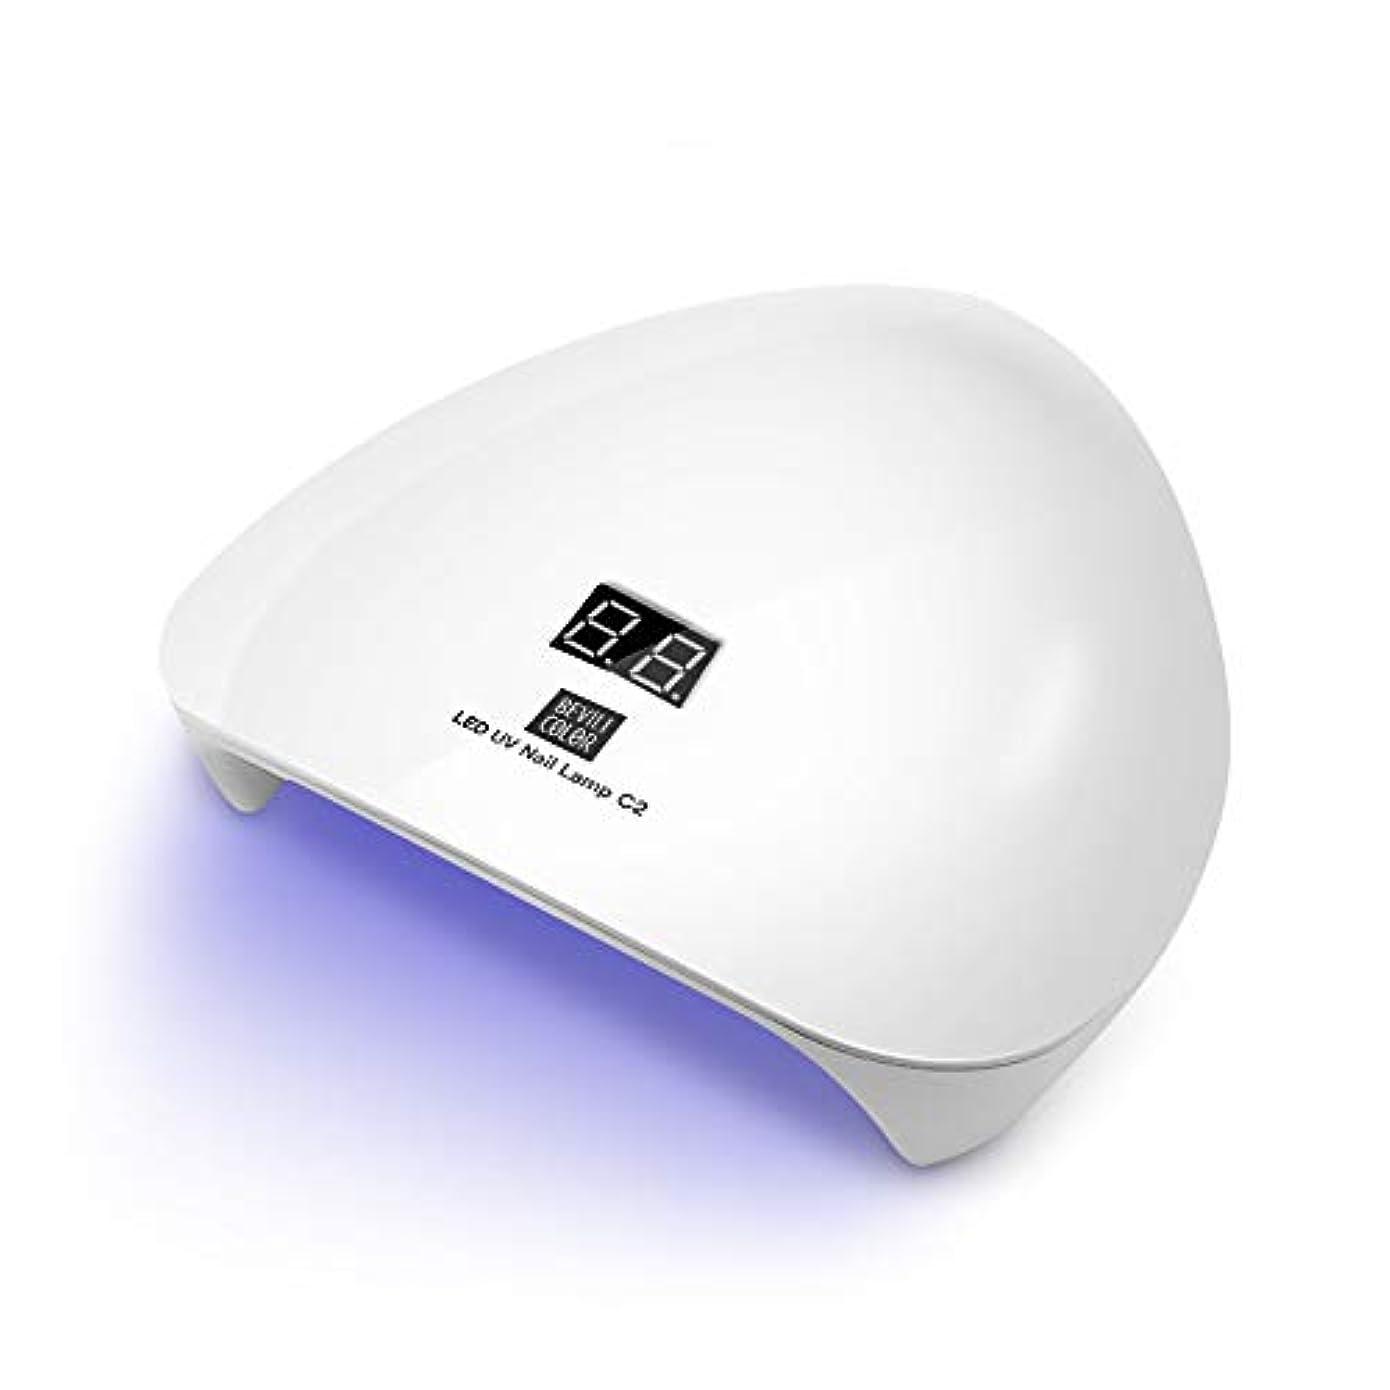 スパーク構造しっかりLEDネイルドライヤー UVライト 45W ハイパワー LED硬化ライト自動センサー 15LED 高速硬化 2019最新版 ジェルネイルライトUVとLEDダブルライト ジェルネイル用 (ホワイト)